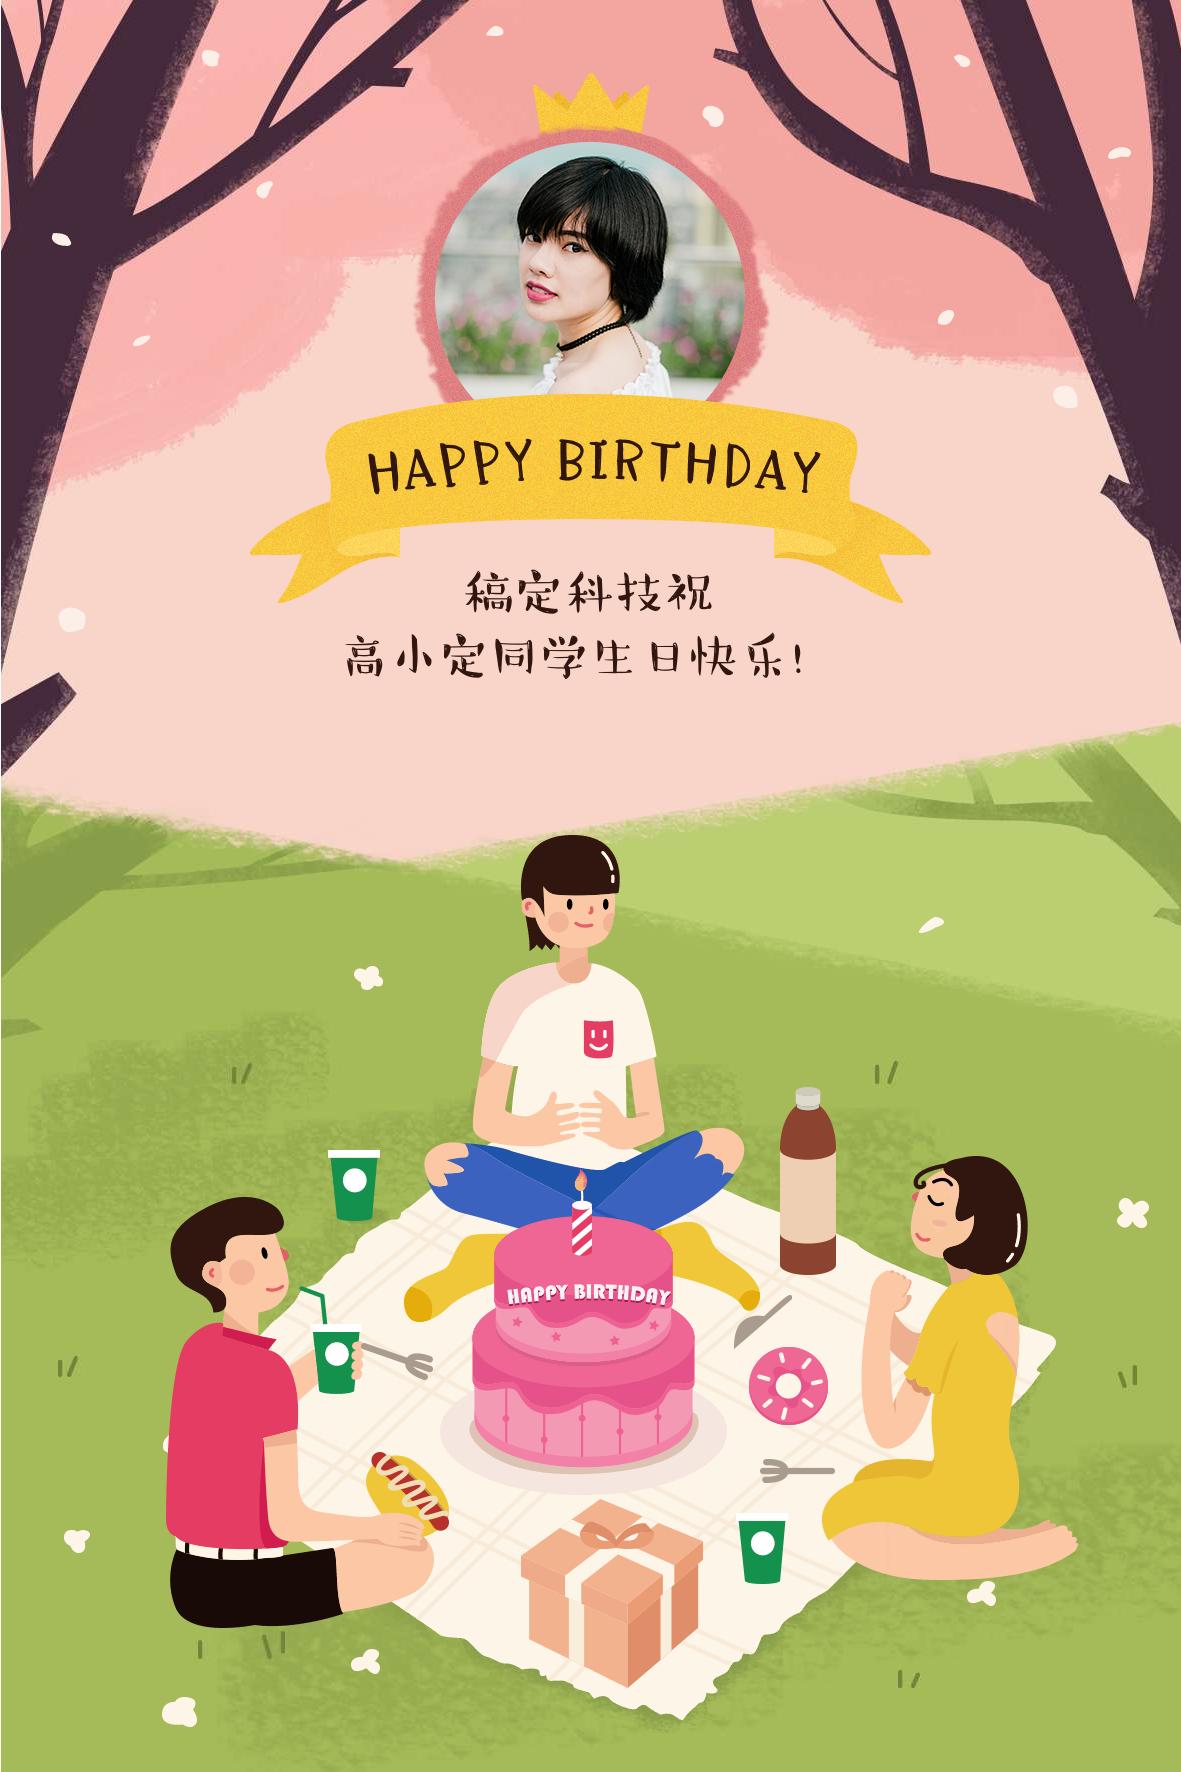 文艺手绘风生日可印刷贺卡